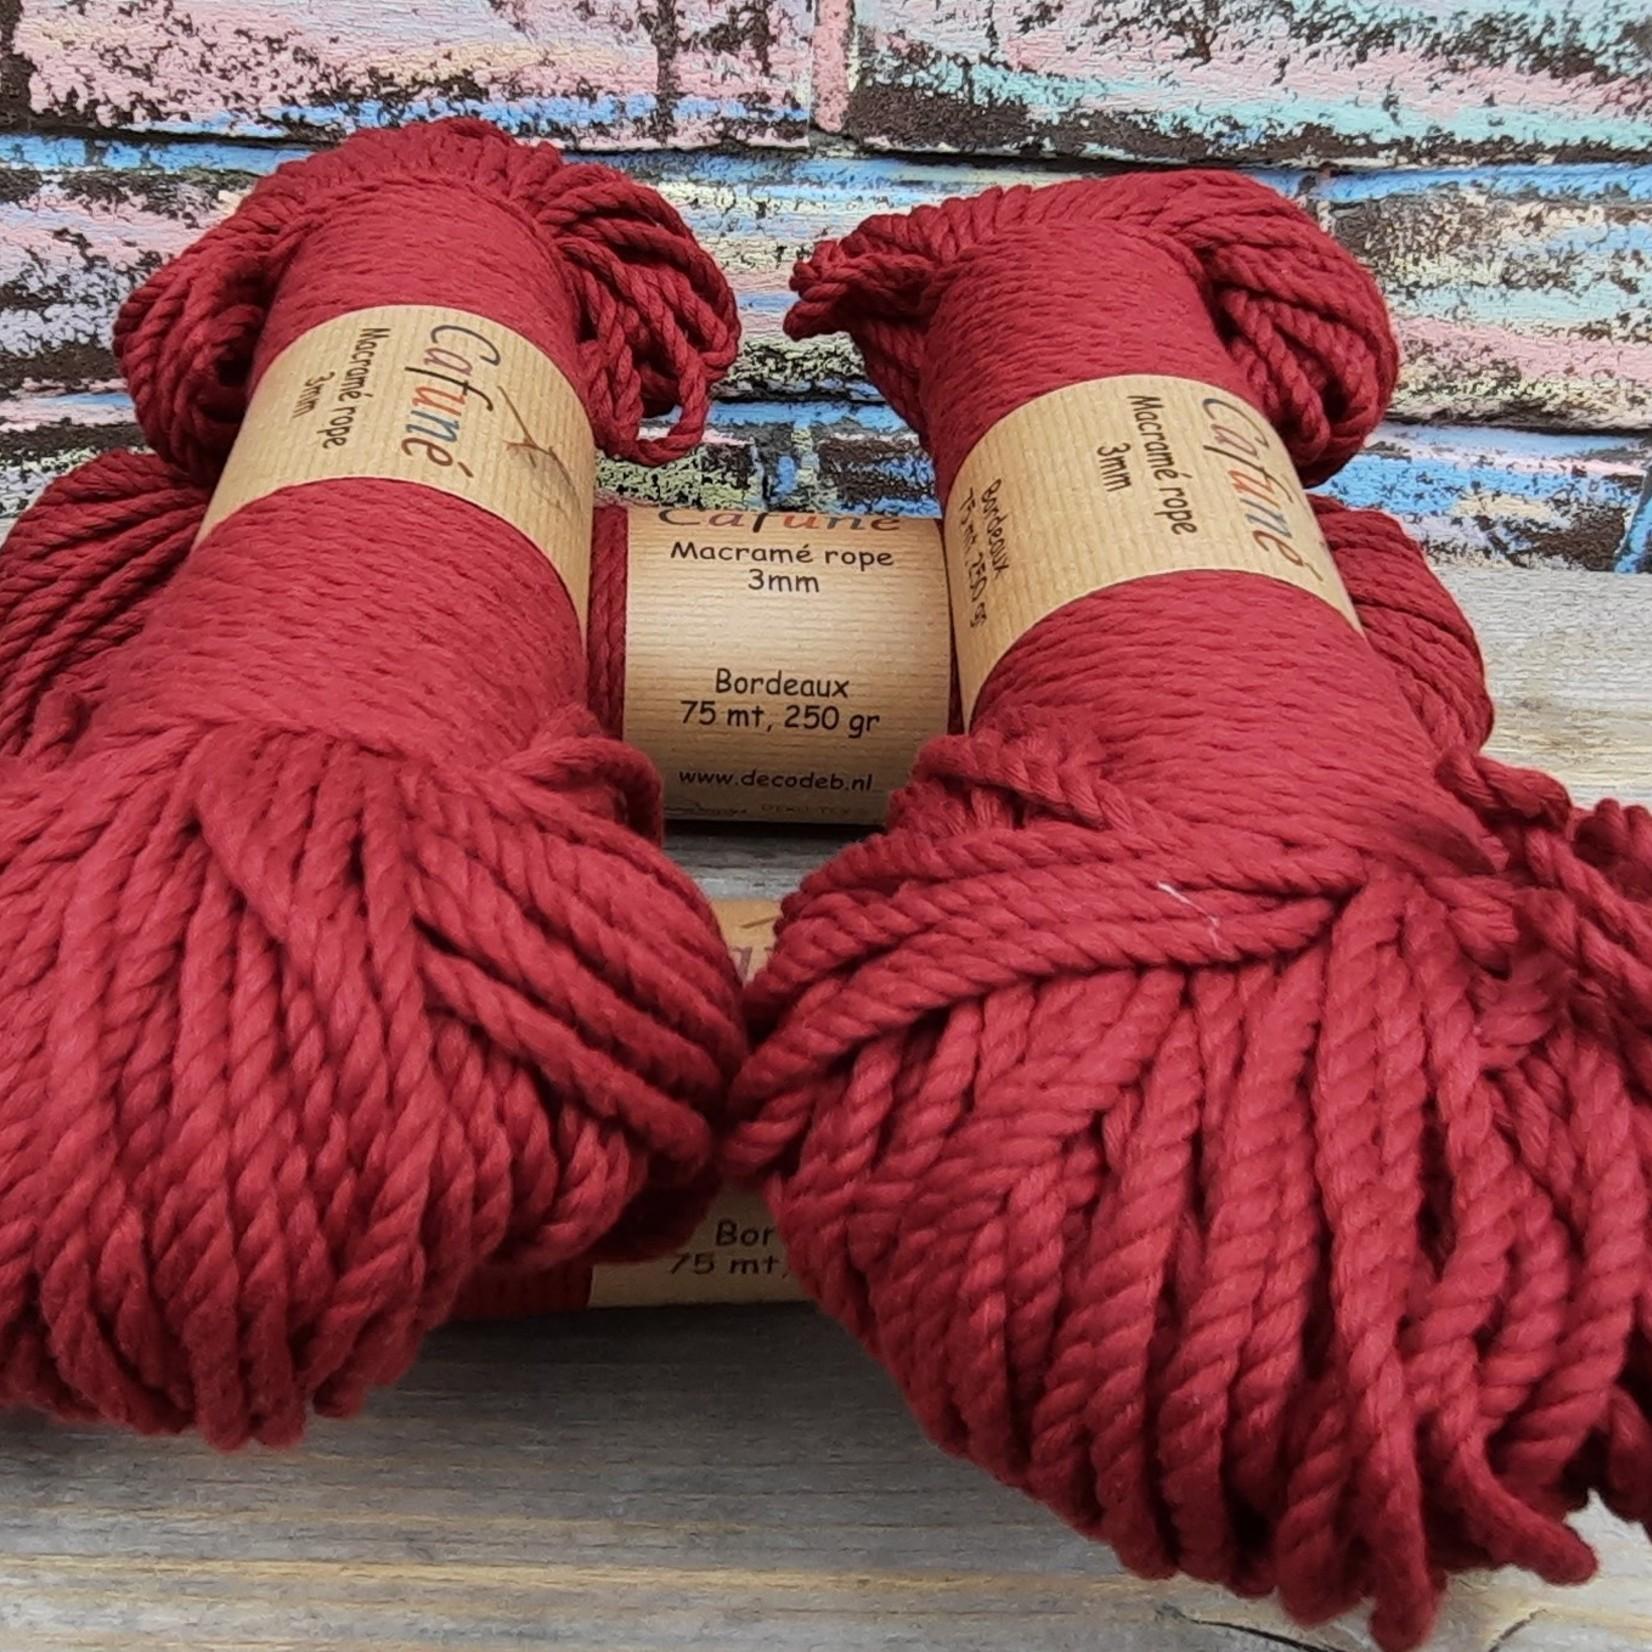 3mm Macrame touw Bordeaux, double twisted, uitkambaar